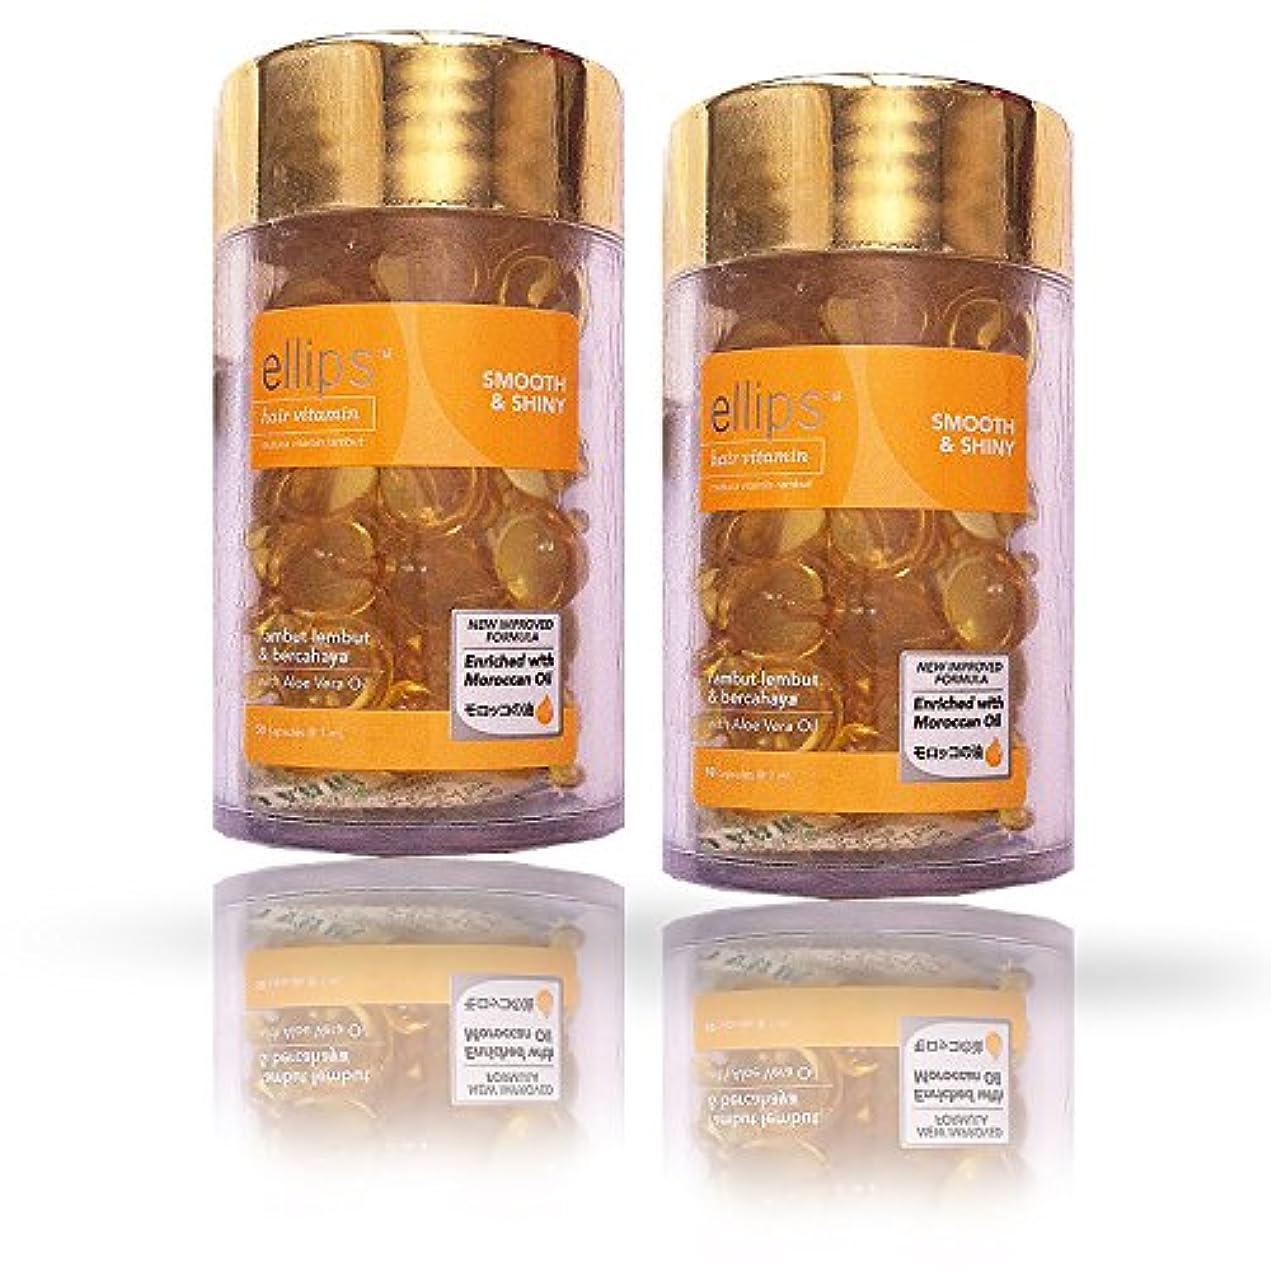 夫婦敵意汚いエリップス(ellips)スムース&シャイニー(フレッシュ トロピカル フルーツの香り) ボトル50粒×2個